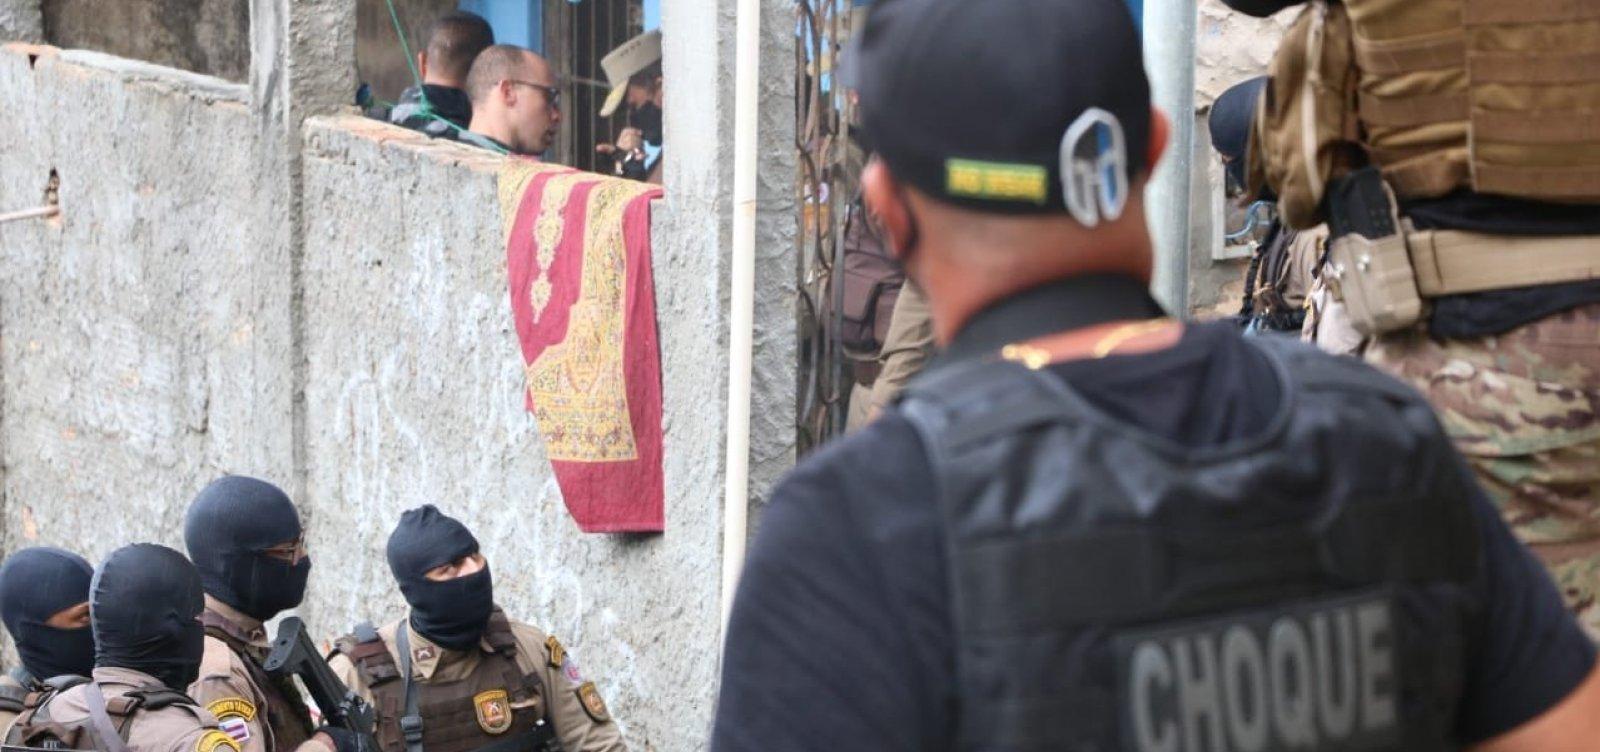 Ação policial cerca traficantes no Nordeste de Amaralina